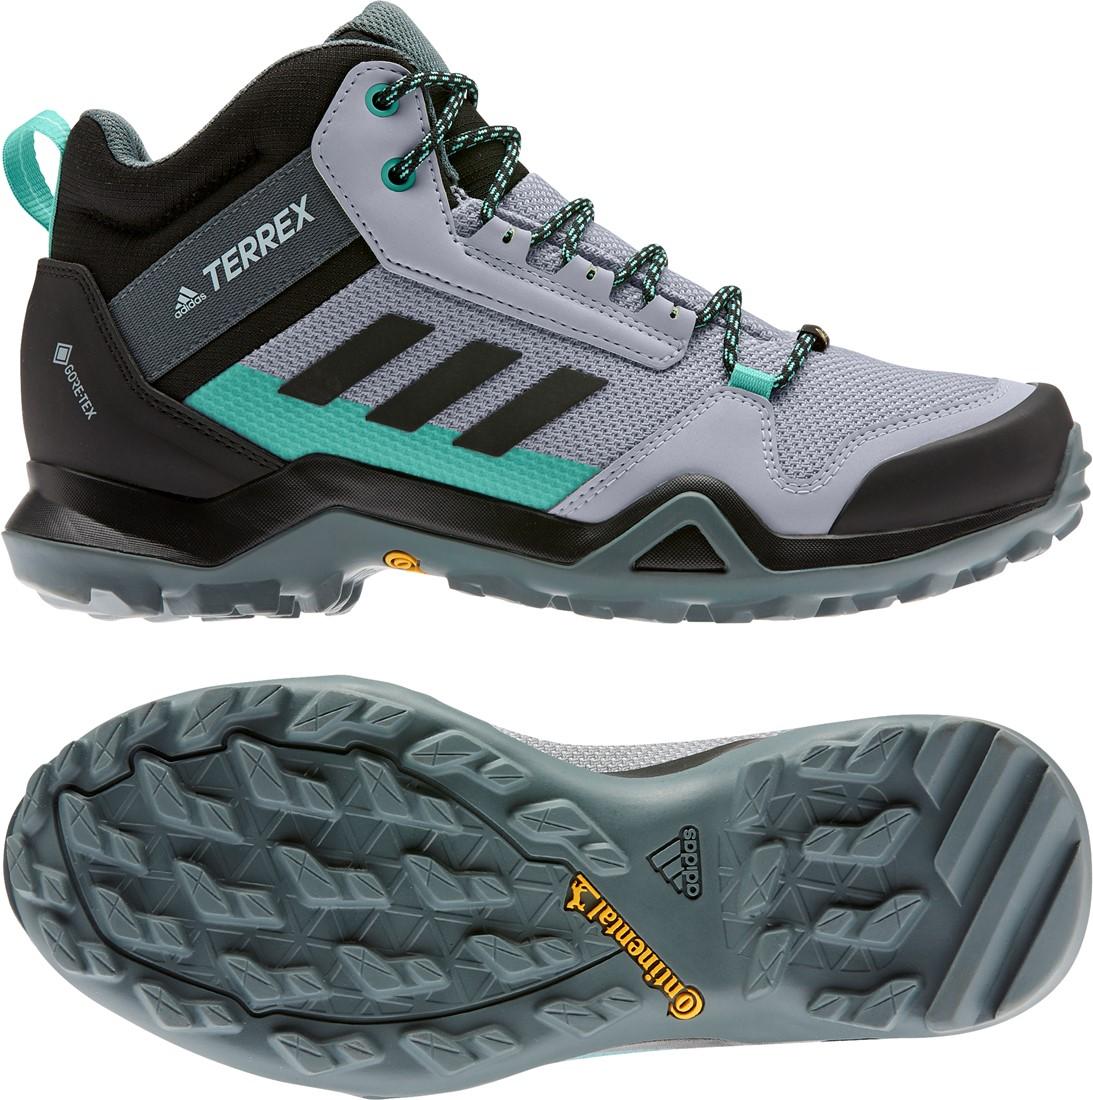 Adidas Terrex AX3 Mid GTX W silver/black/mint 40 2/3 (UK 7)